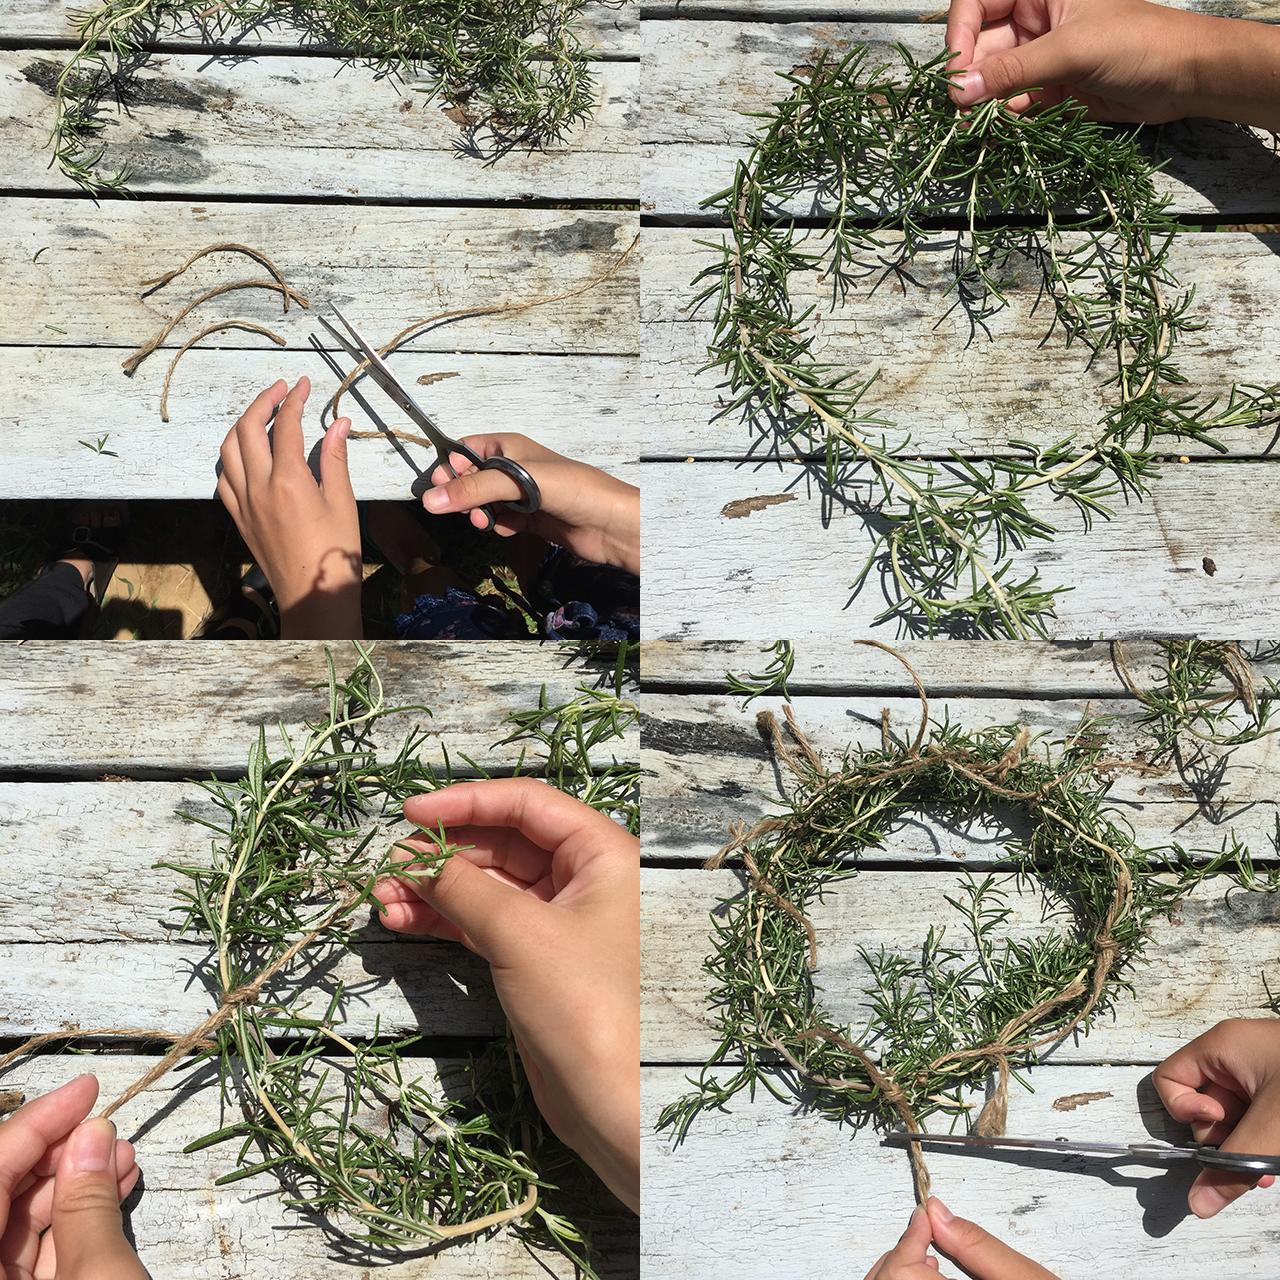 キッズクラフト ローズマリー 麻紐 ヘンプコード ハサミ rosemary hemp cord